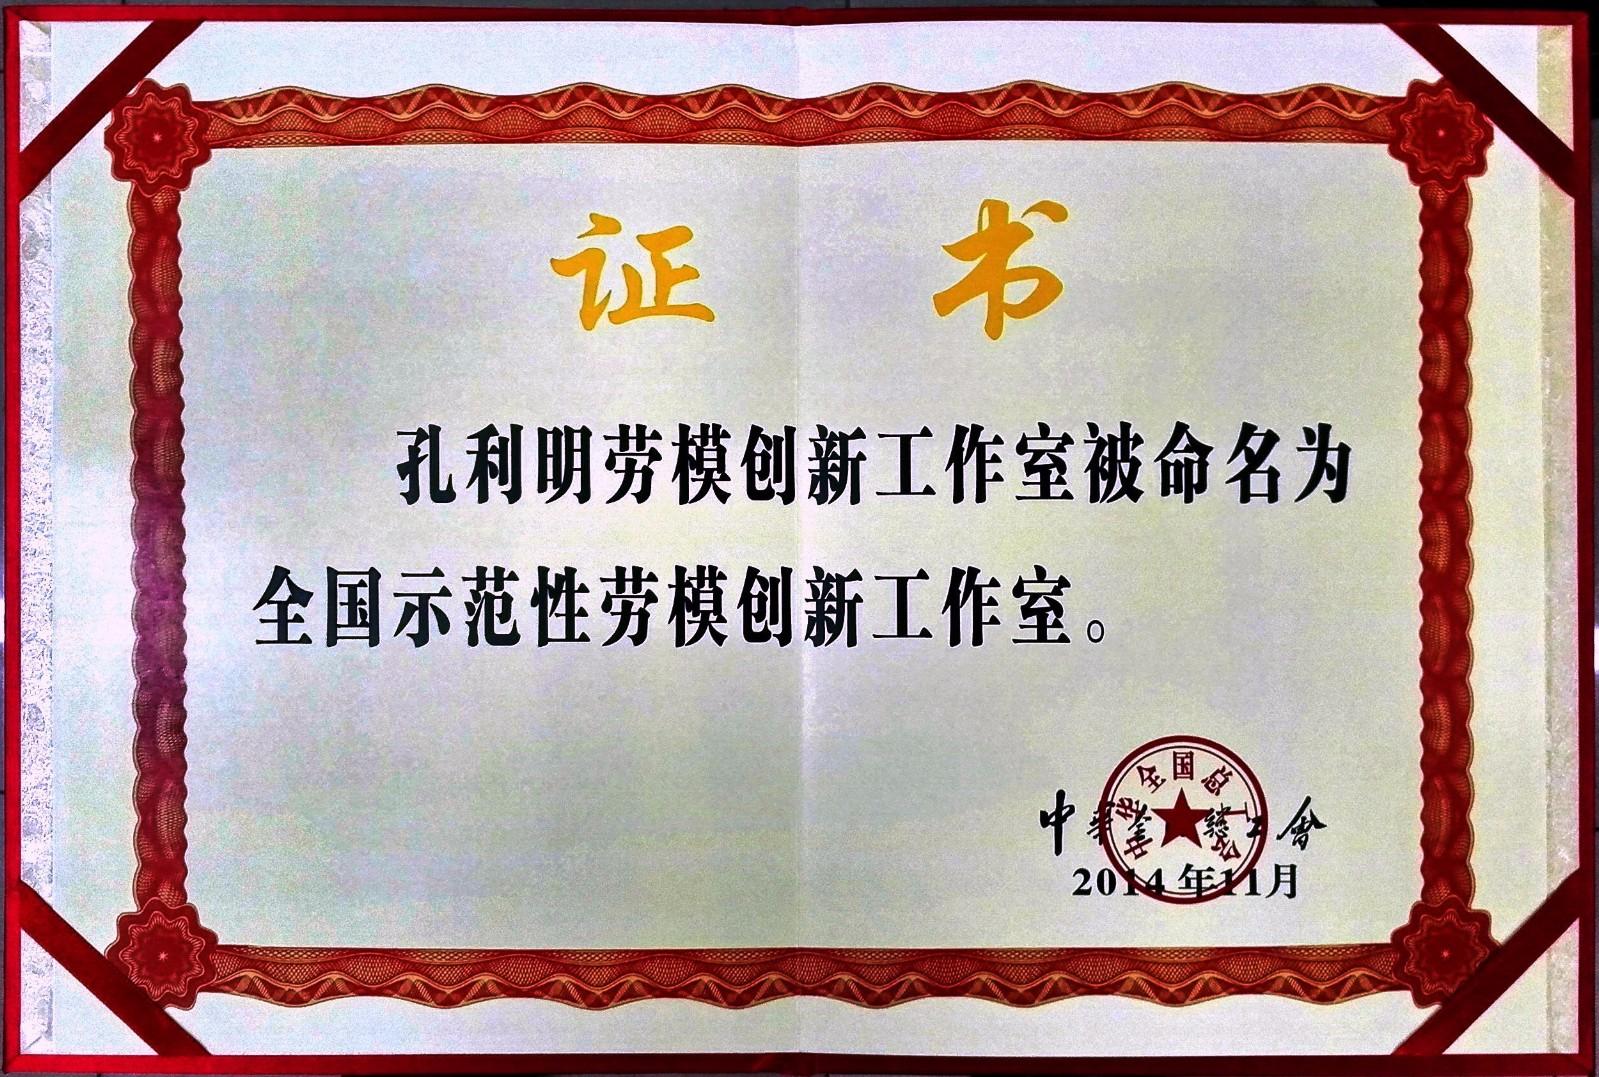 7  全国示范型劳模工作室证书.jpg